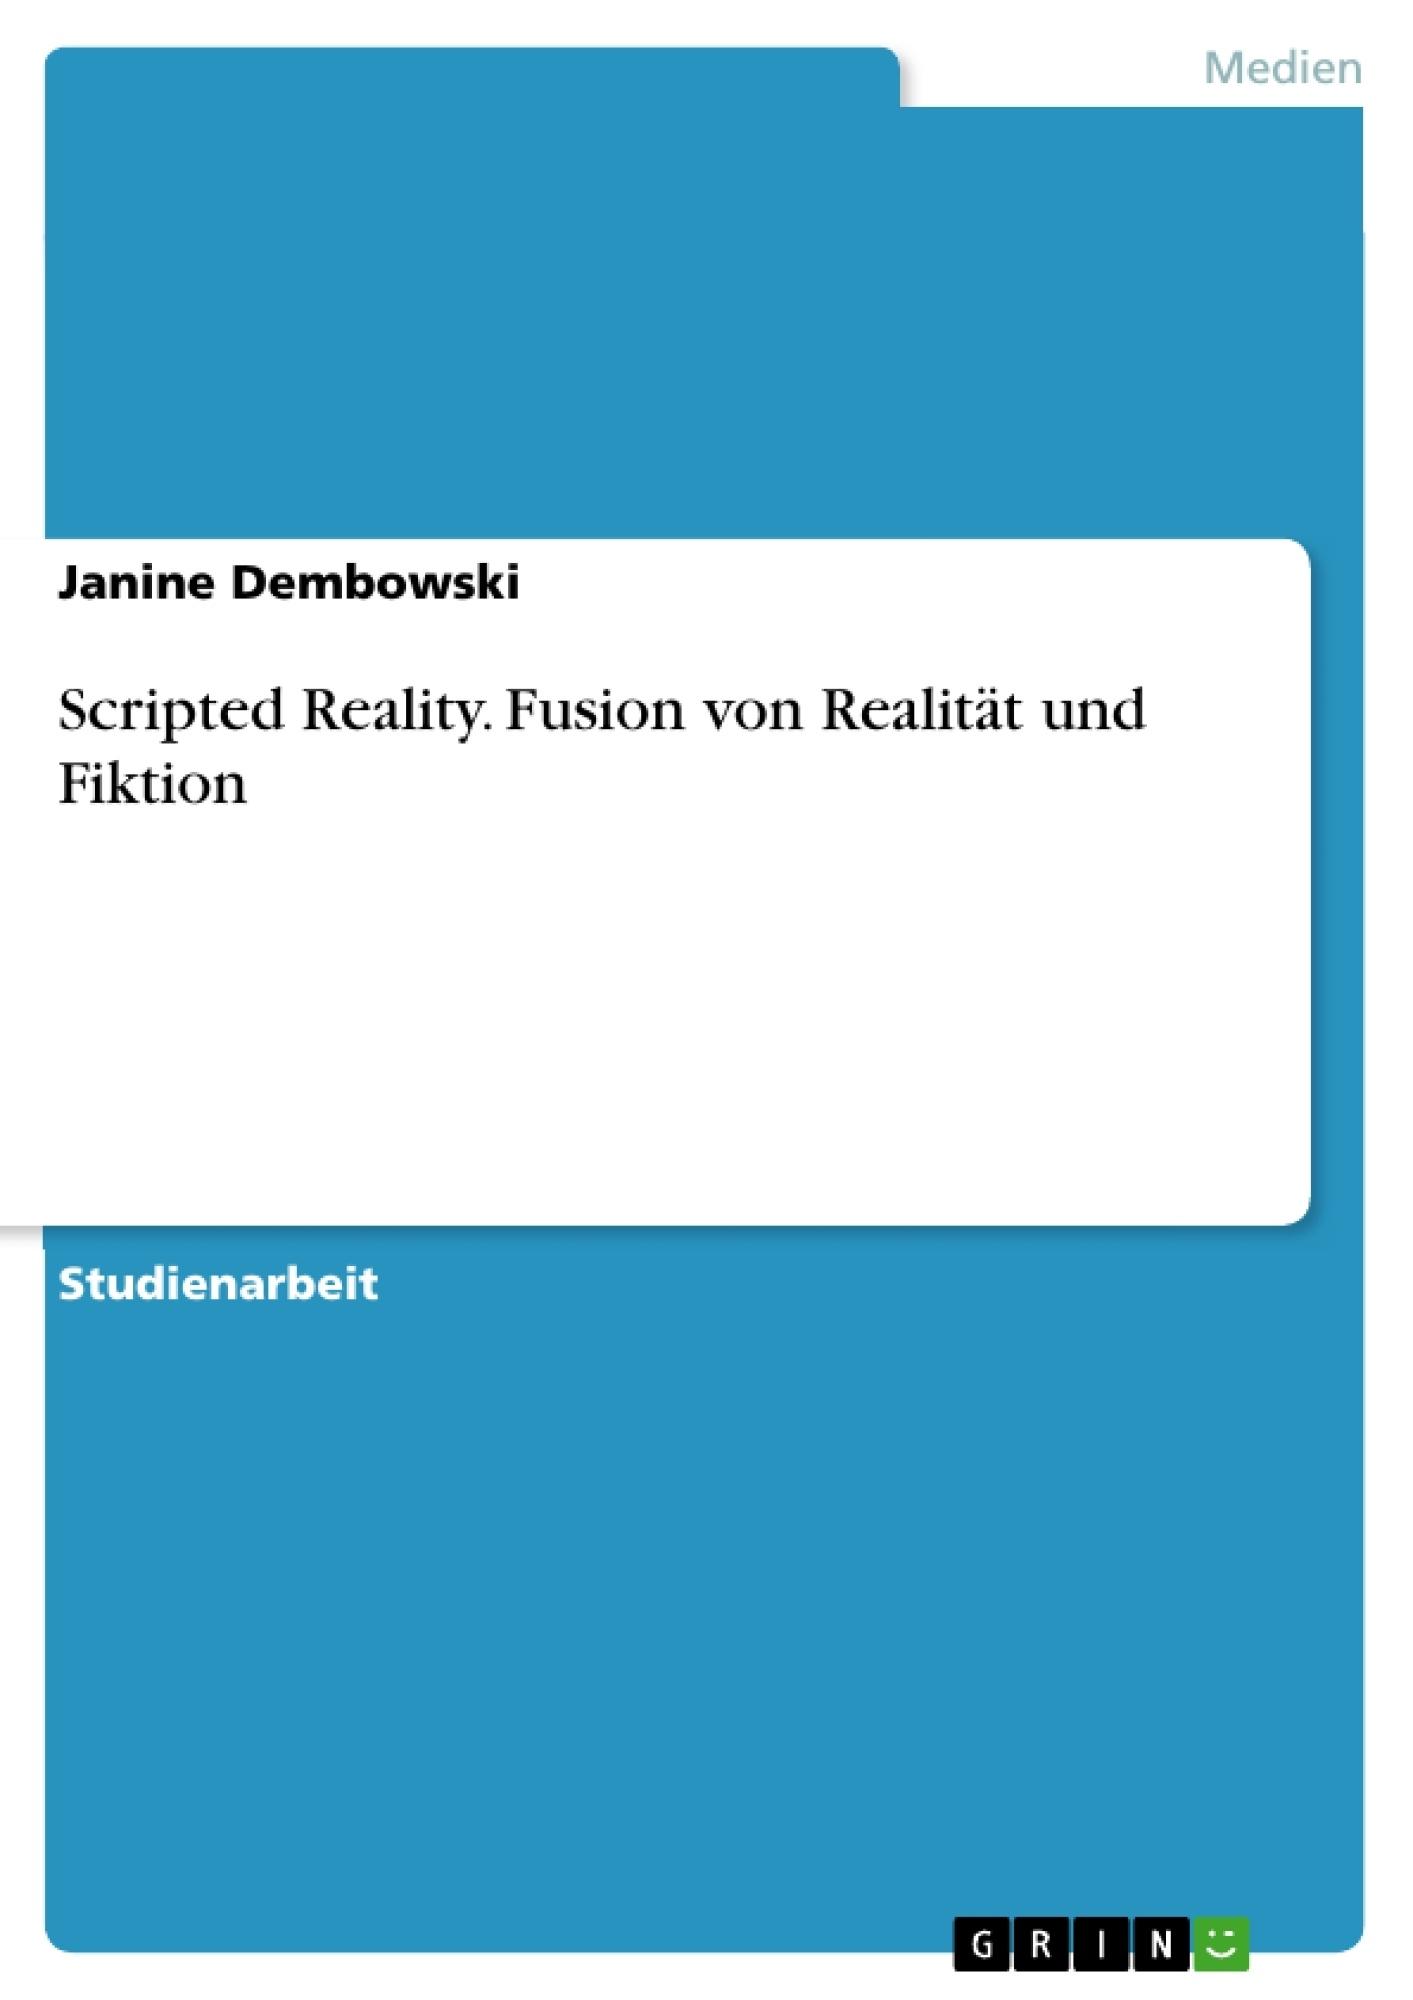 Titel: Scripted Reality. Fusion von Realität und Fiktion